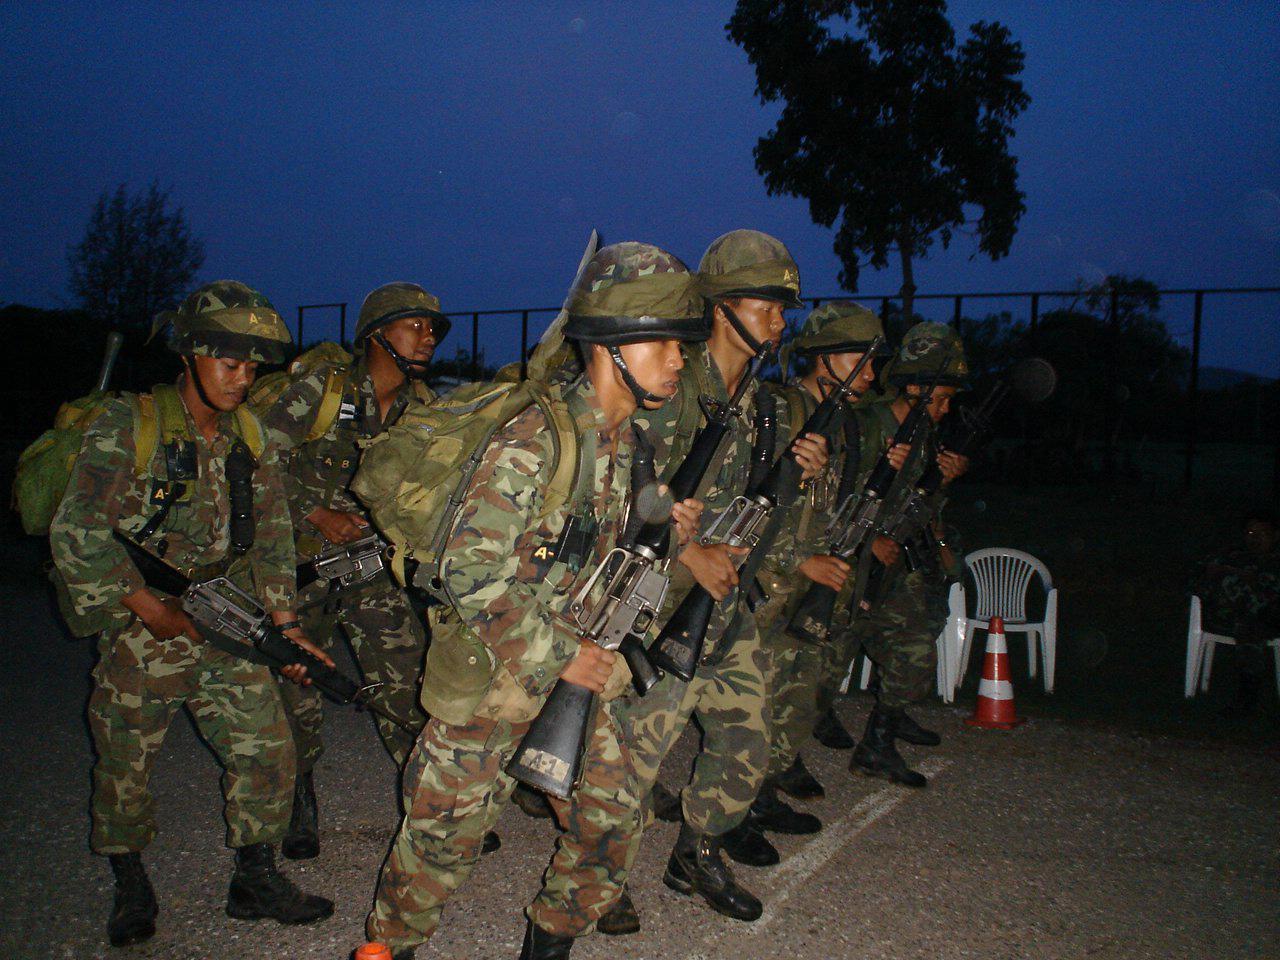 การฝึกใน หลักสูตรจู่โจม RANGER รุ่นที่ 86